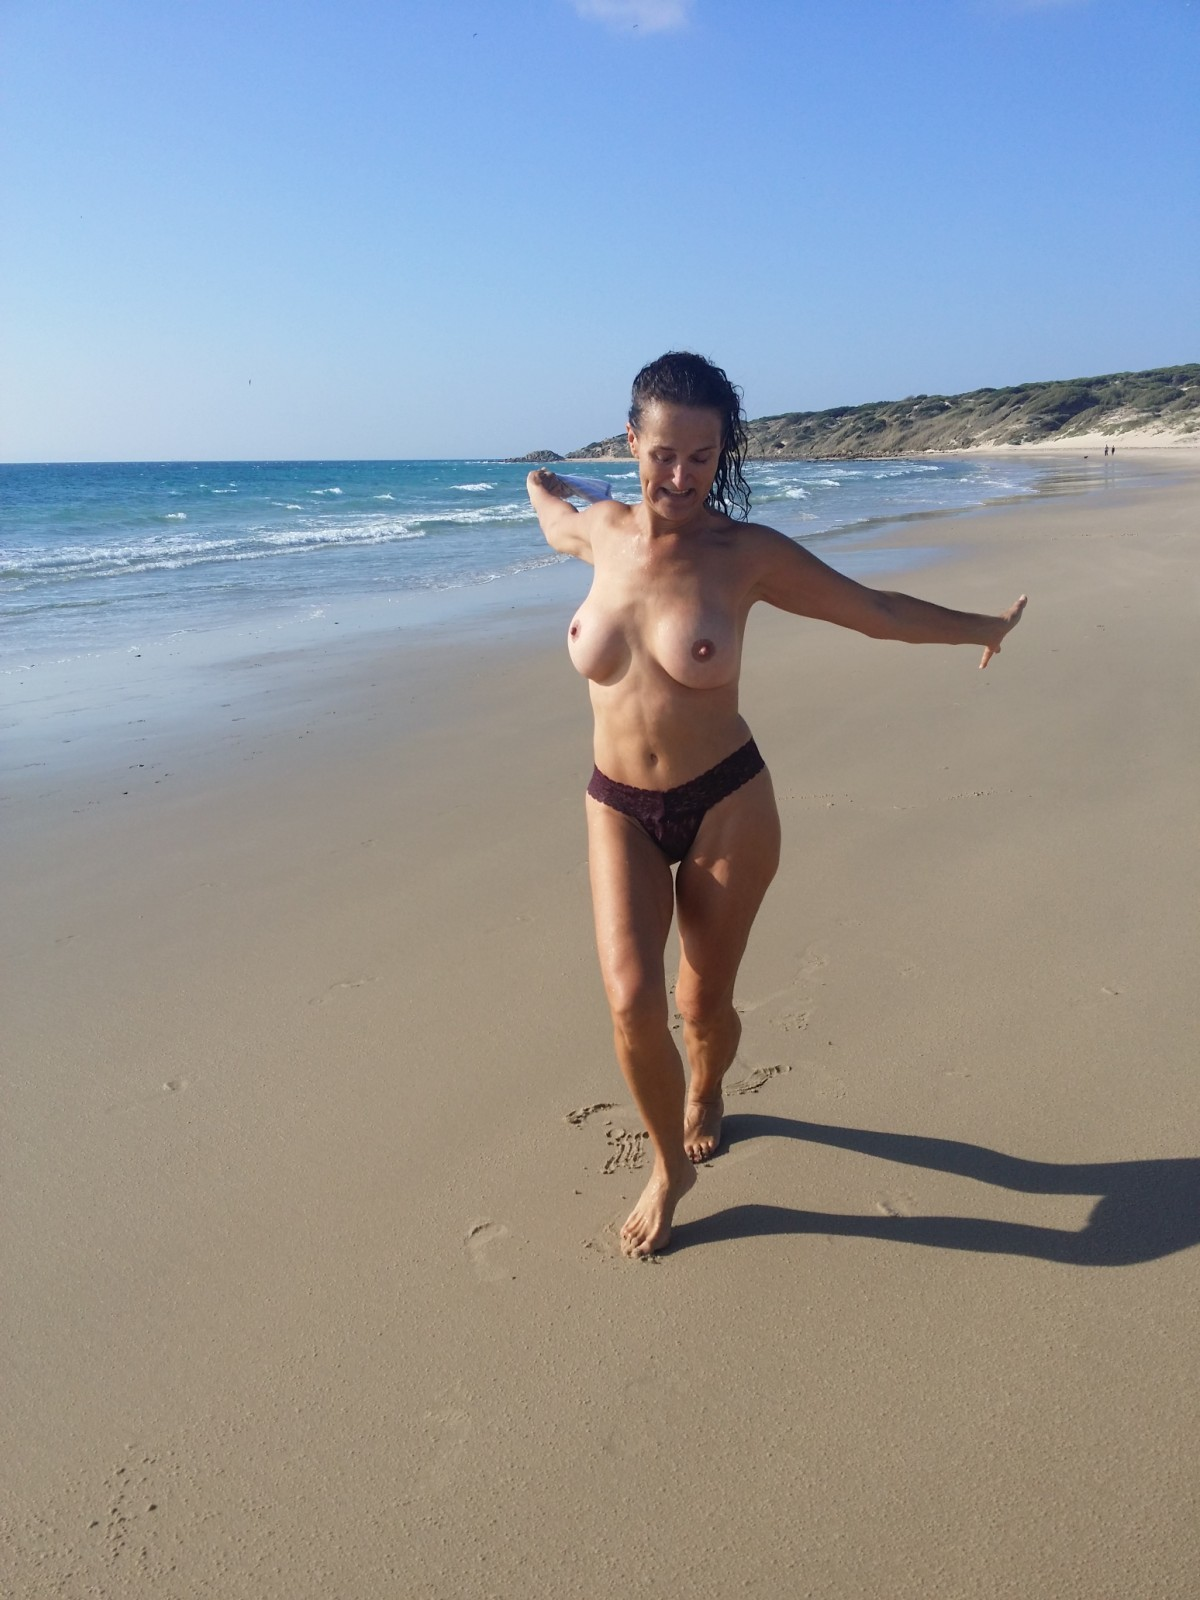 Австралийская мамаша на берегу моря и во время беременности